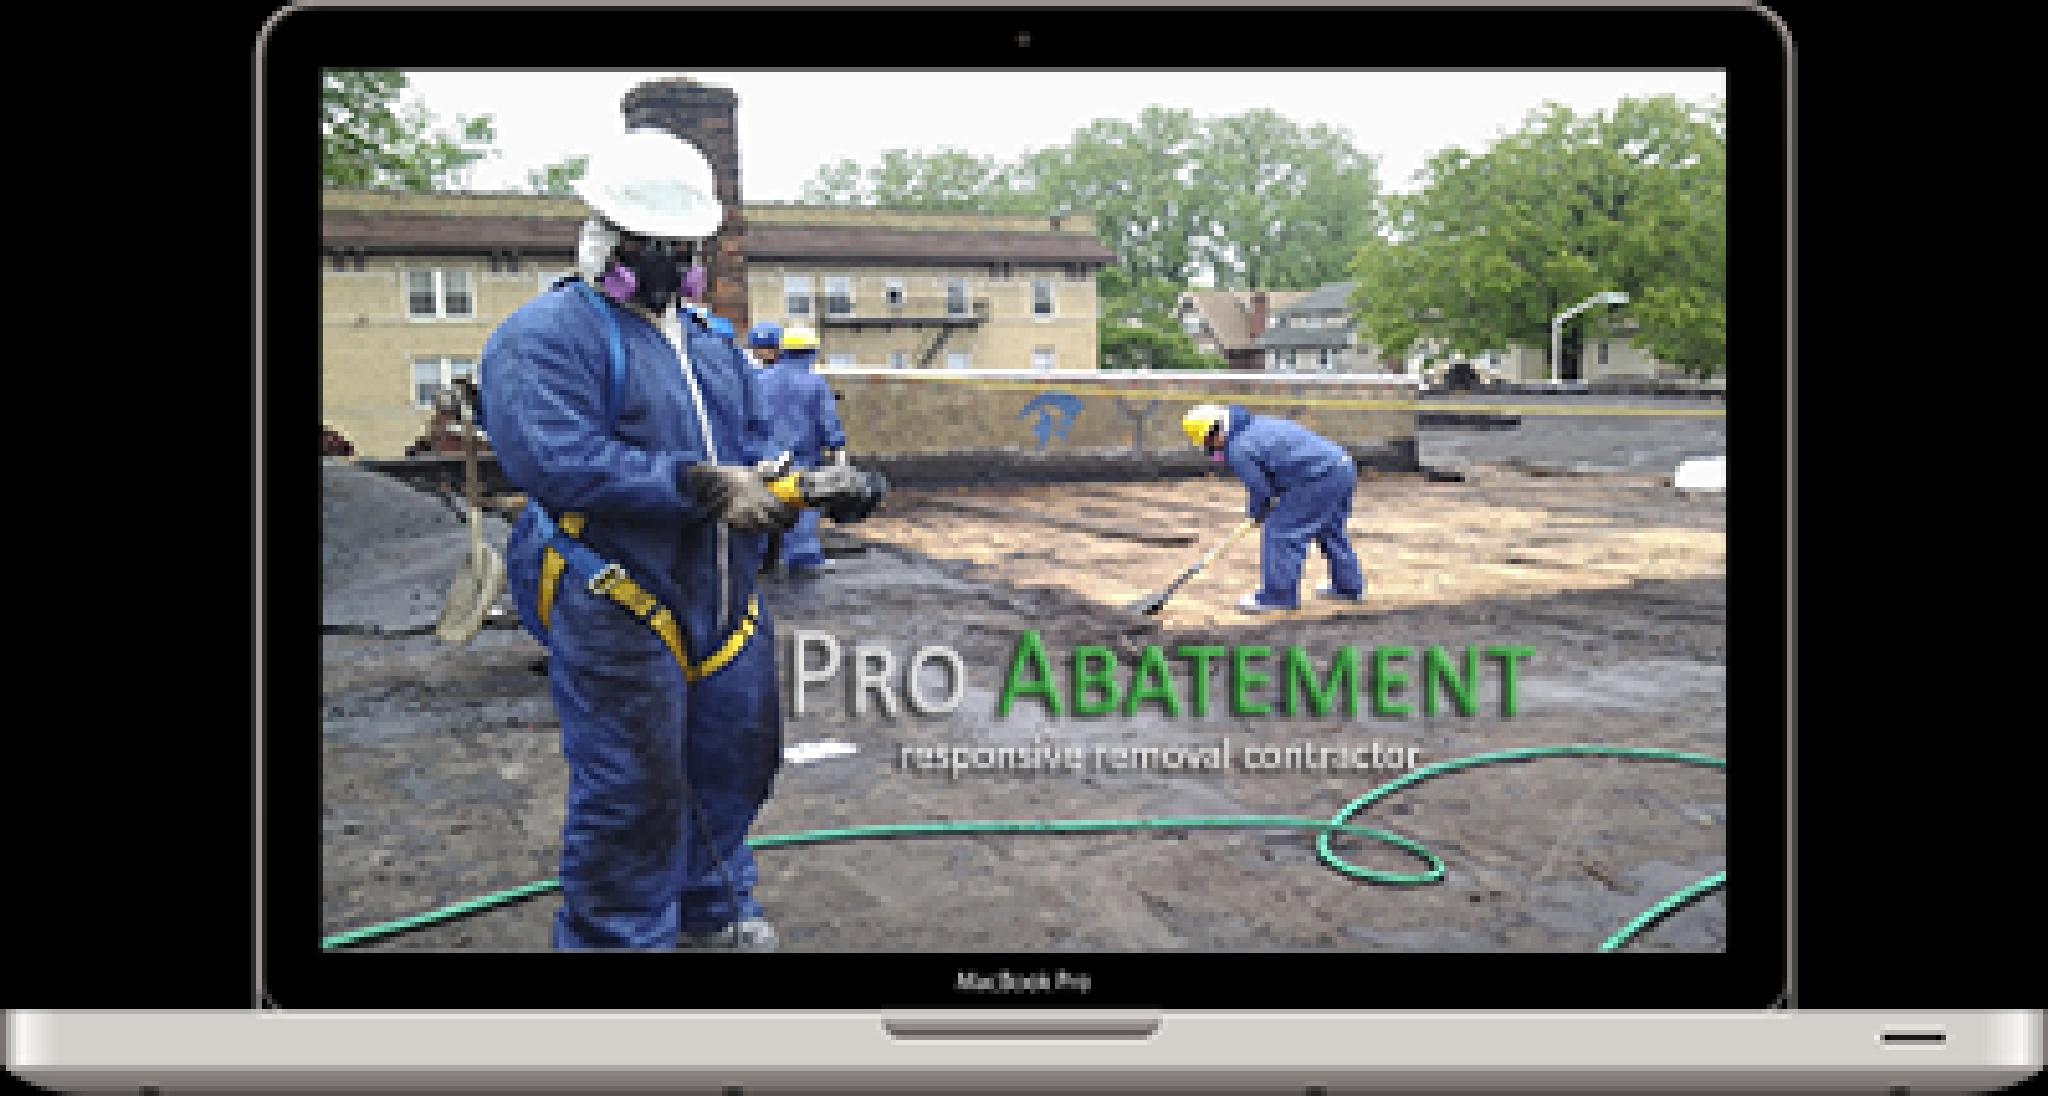 Asbestos Abatement by proabatement1